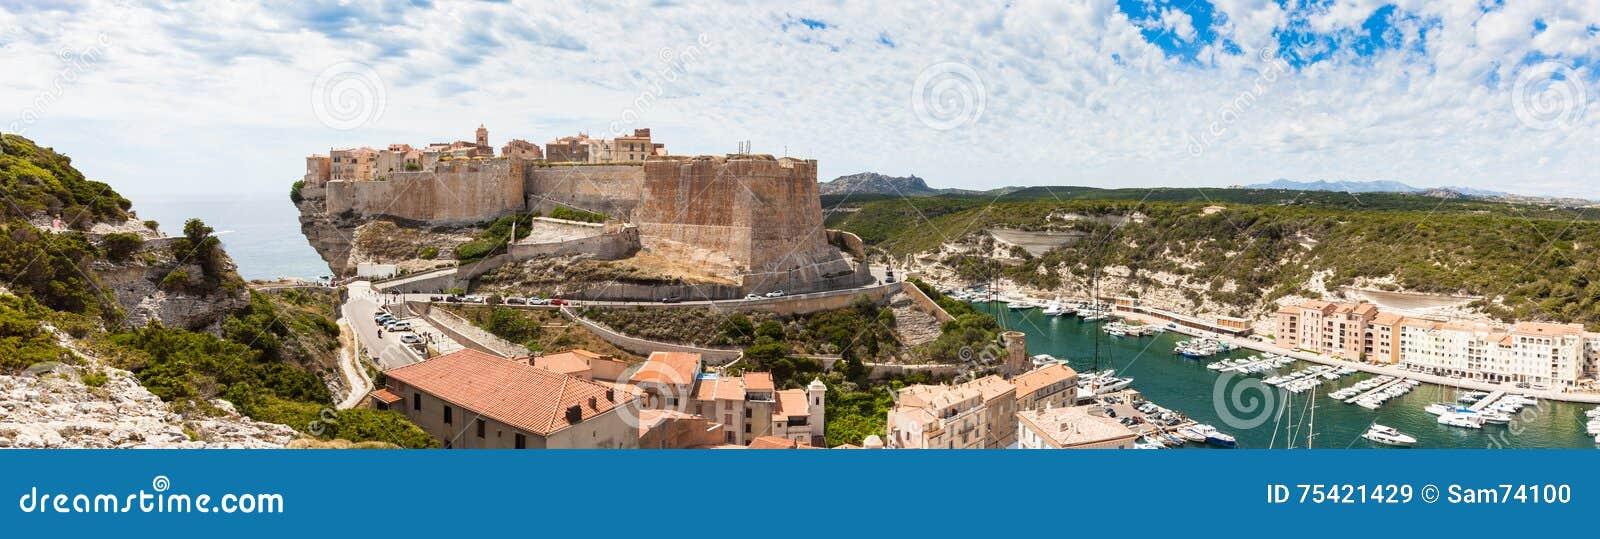 La vue panoramique de la vieille ville de Bonifacio construite sur la falaise bascule